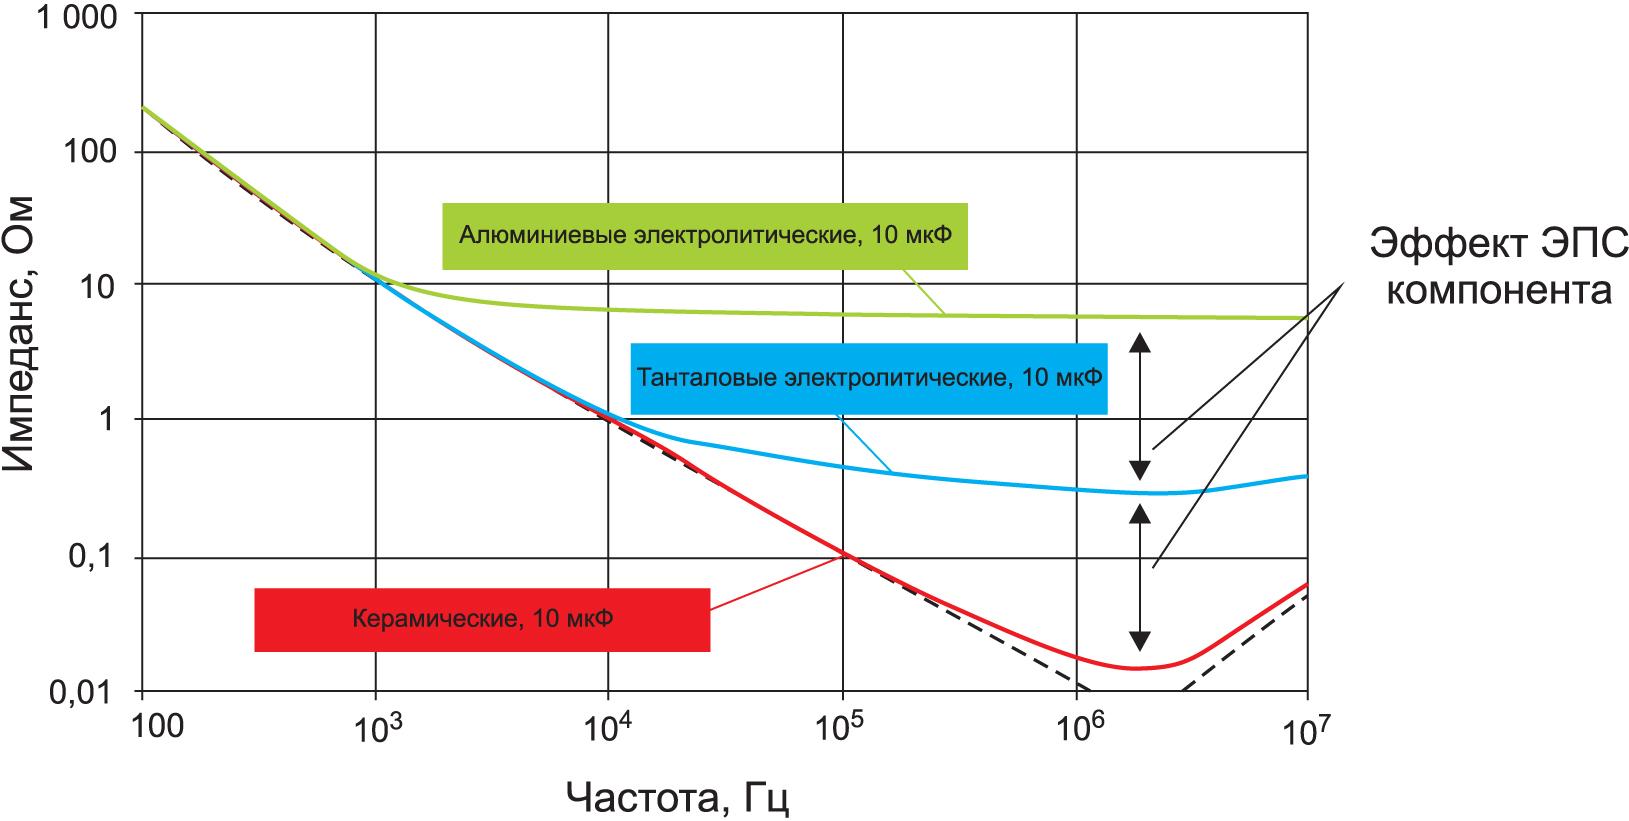 Характеристики импеданса алюминиевых, танталовых электролитических и керамических конденсаторов